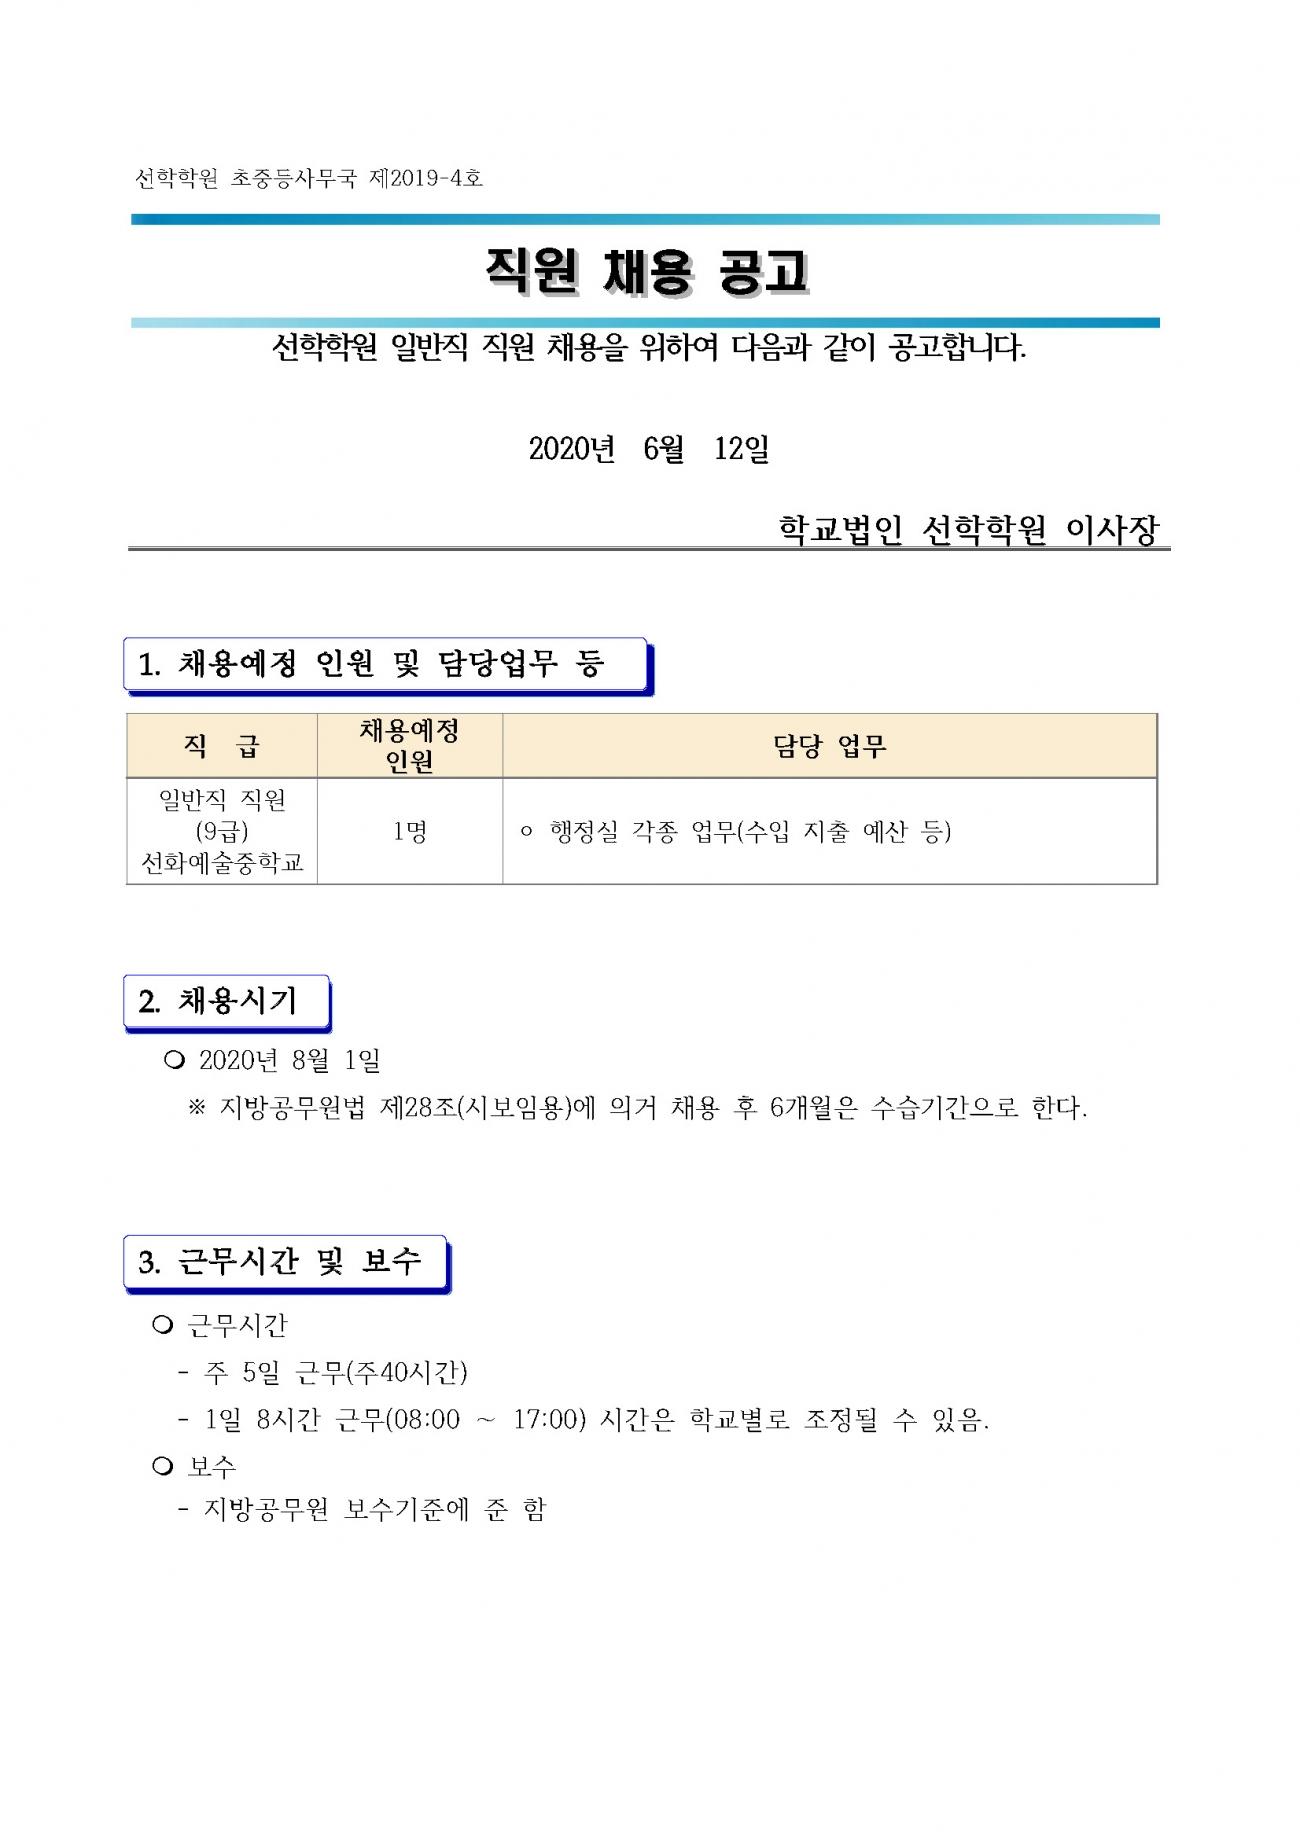 선화예중-일반직원 충원 공고문_페이지_1.jpg